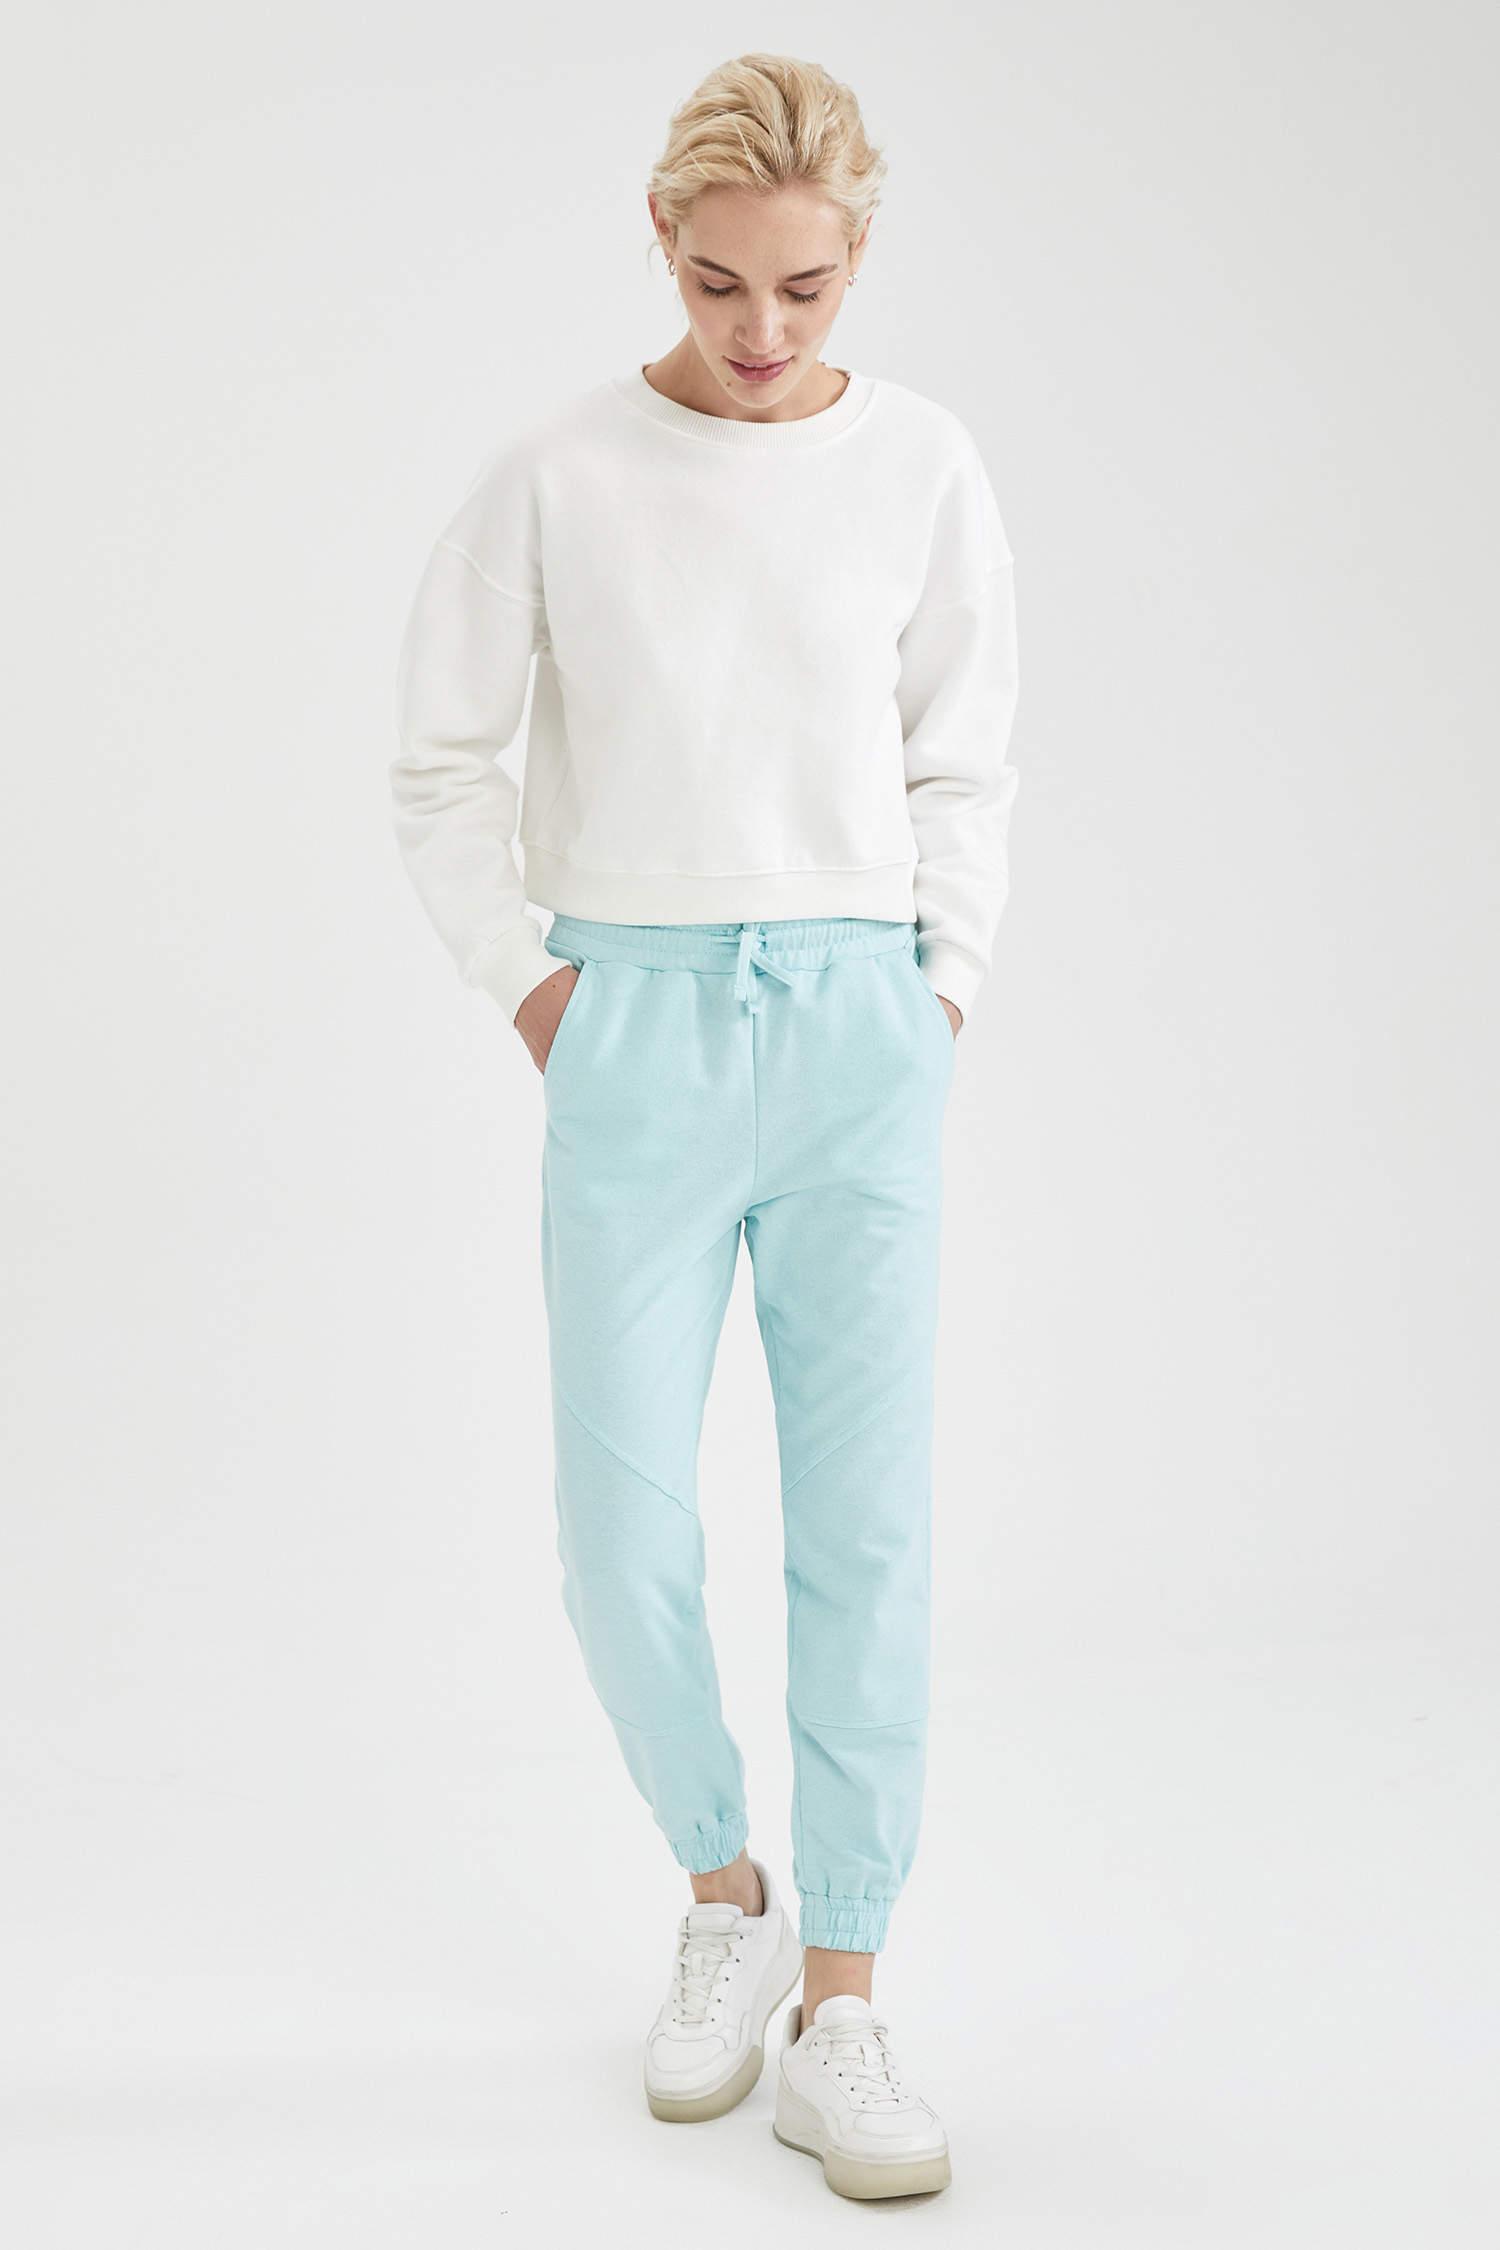 Спортивные штаны DeFacto, Color: Голубой, Size: S, 5 image